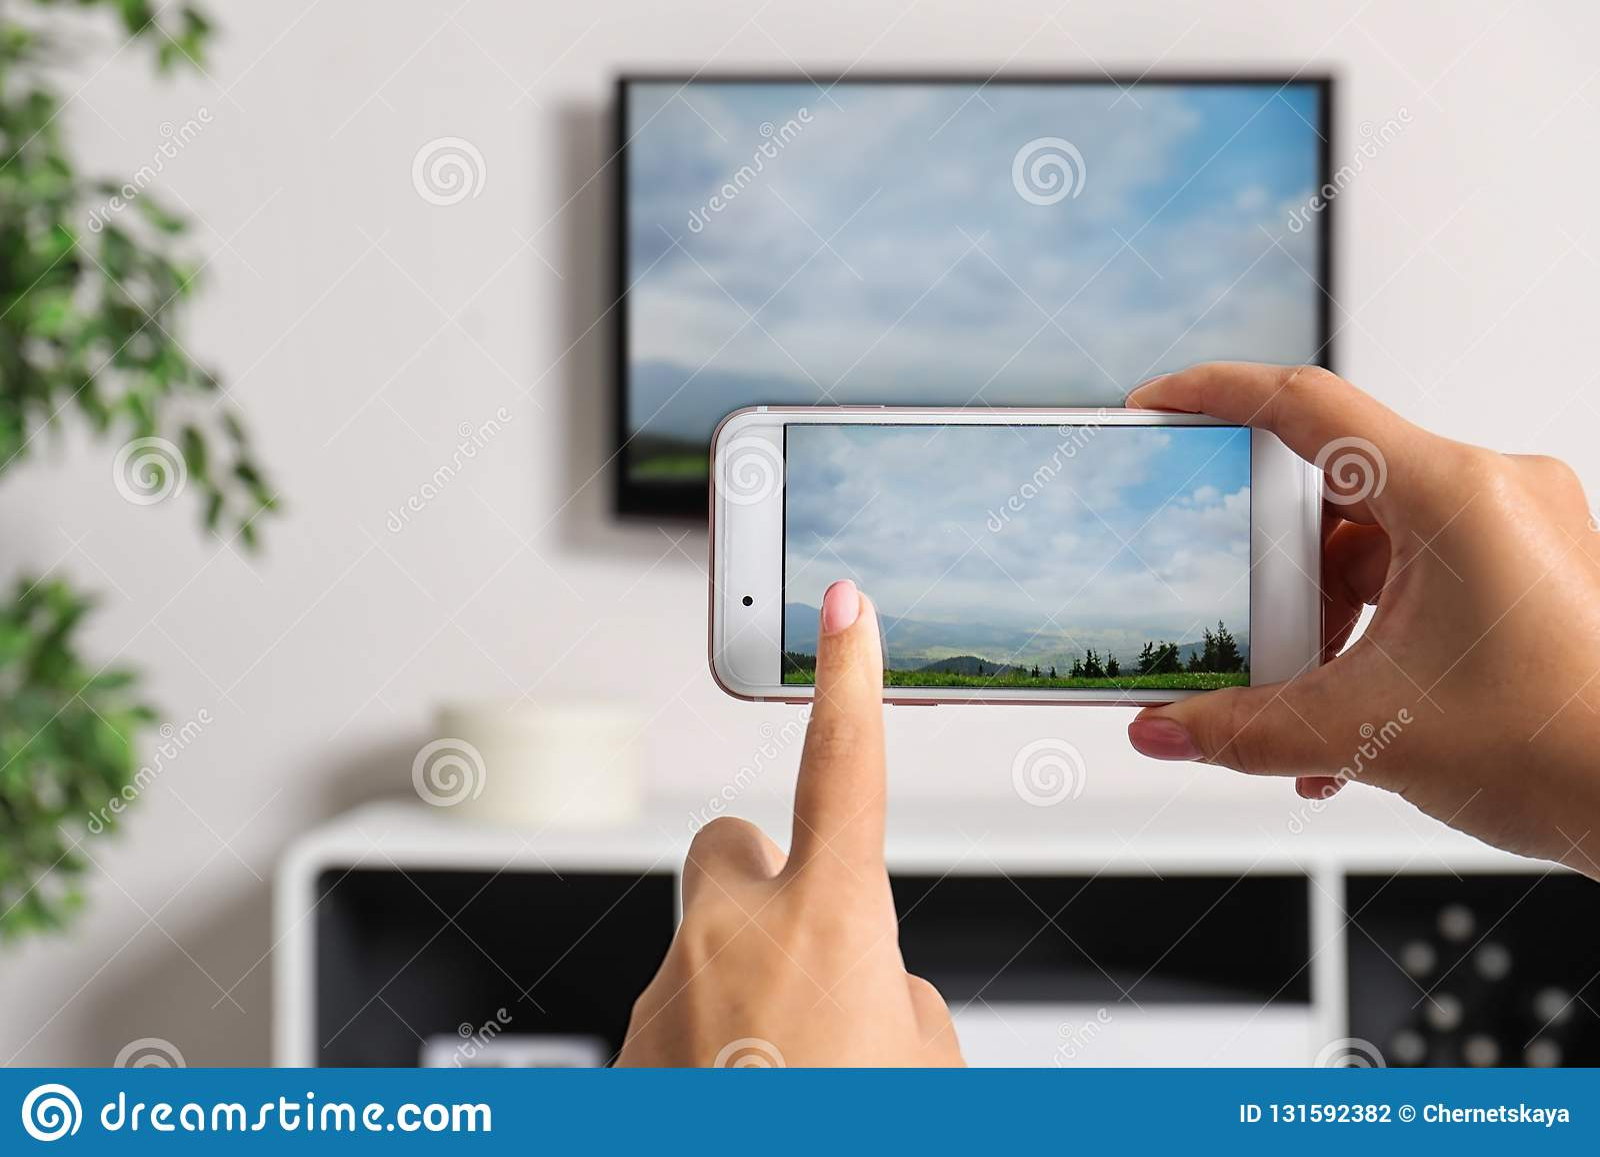 Vrouw met smartphone met Televisie wordt verbonden die